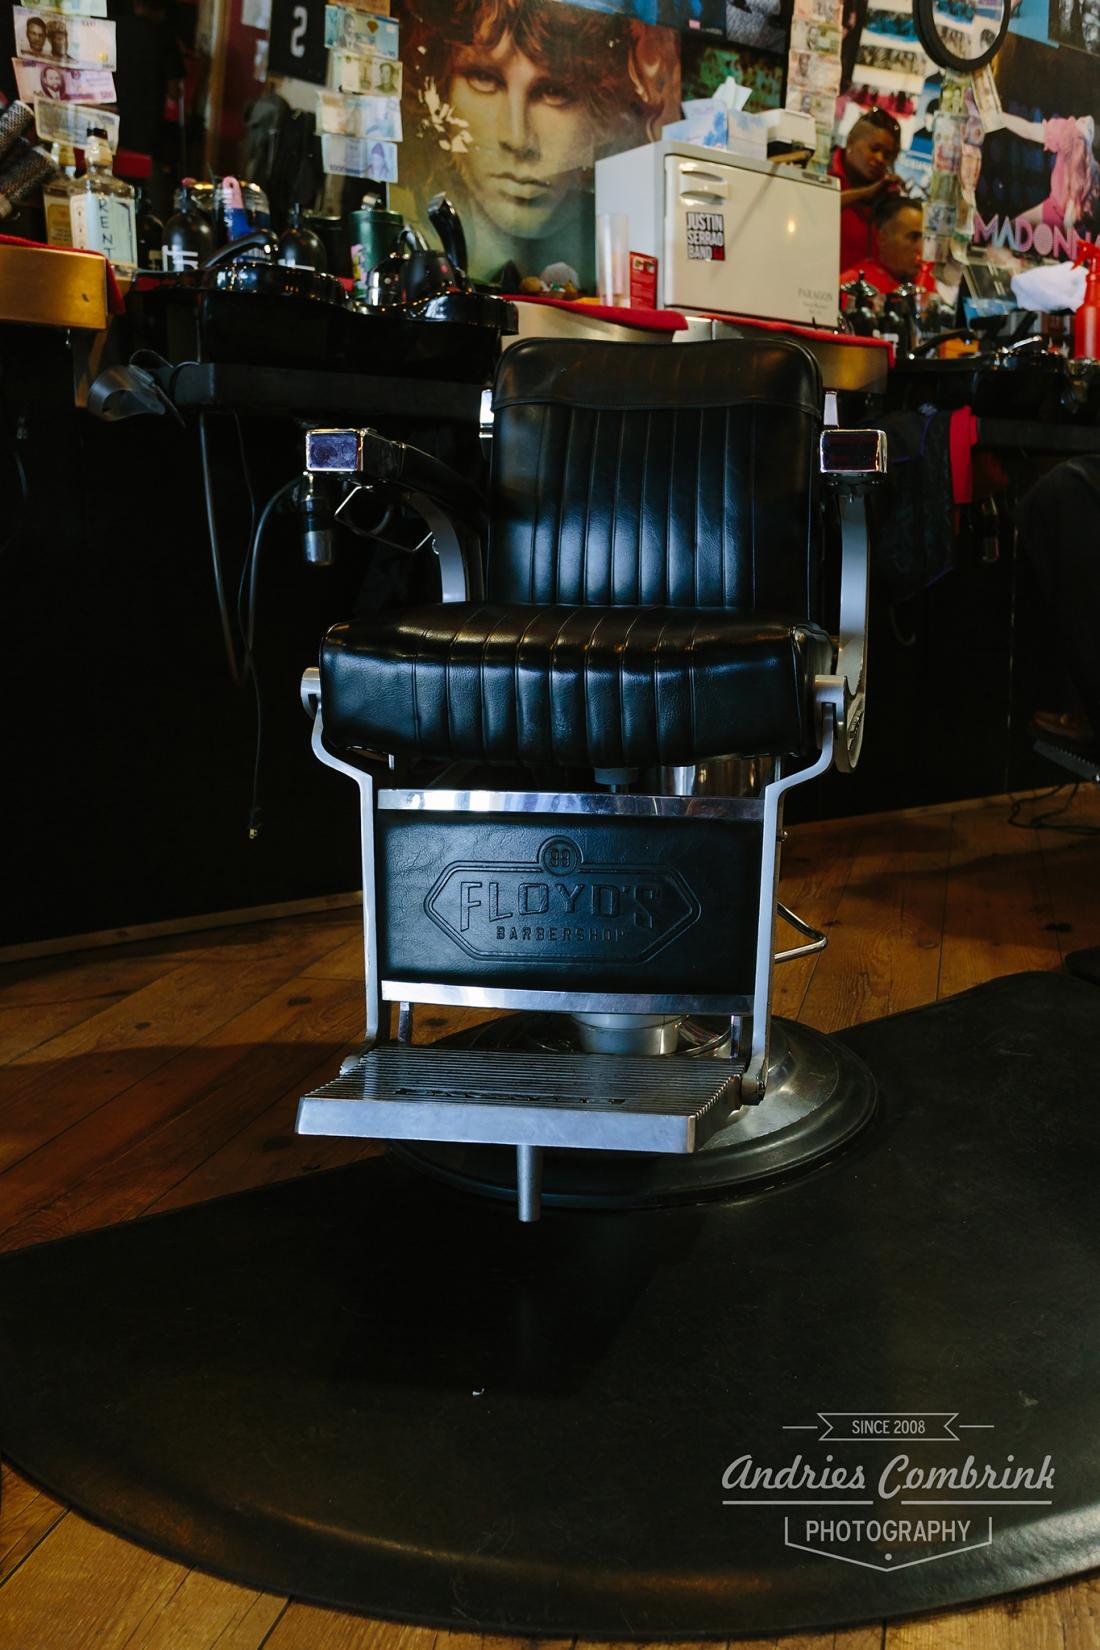 floyd's+barber+shop (7)